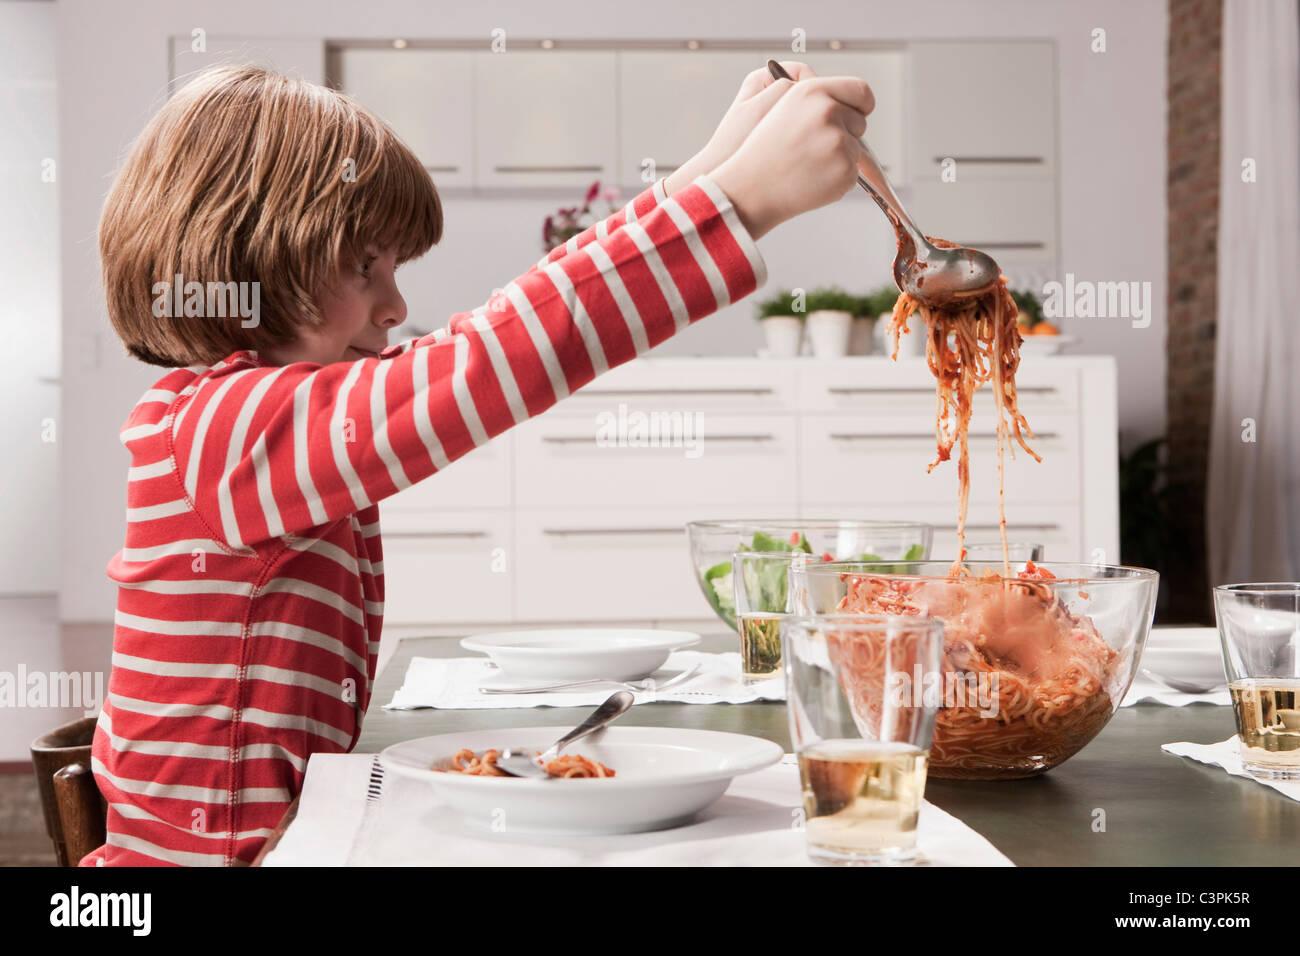 Alemania, Colonia, Boy (6-7) que sirve los espaguetis, vista lateral Imagen De Stock